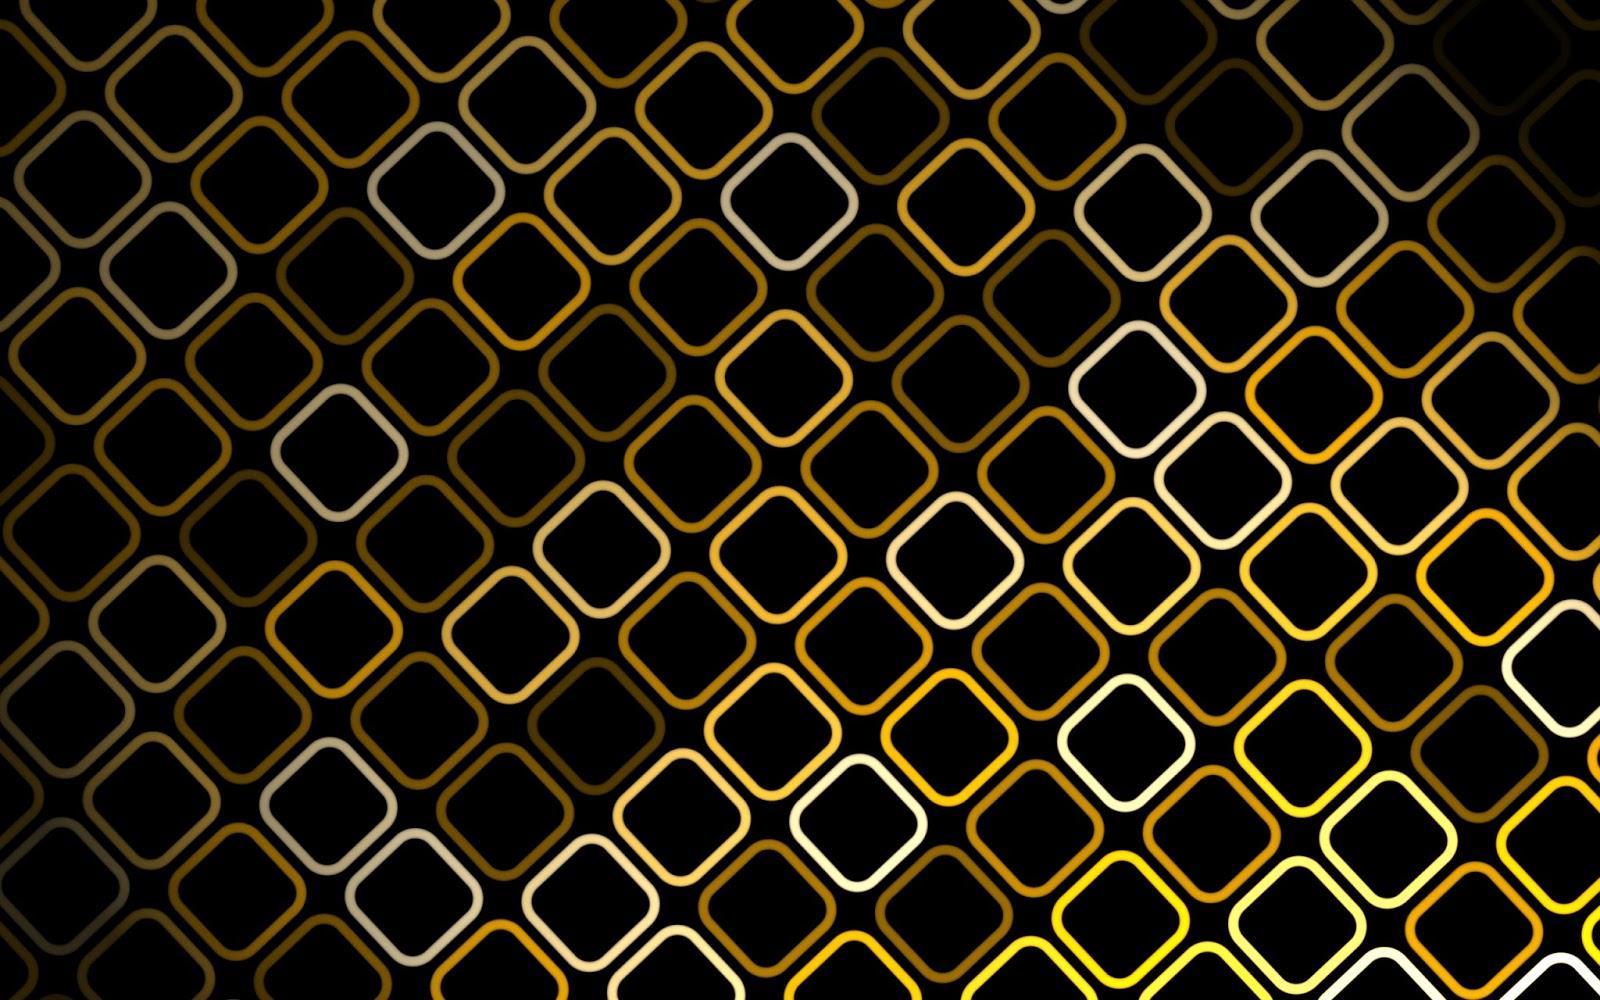 Fondo de pantalla abstracto conjunto cuadrados amarillos altavistaventures Choice Image